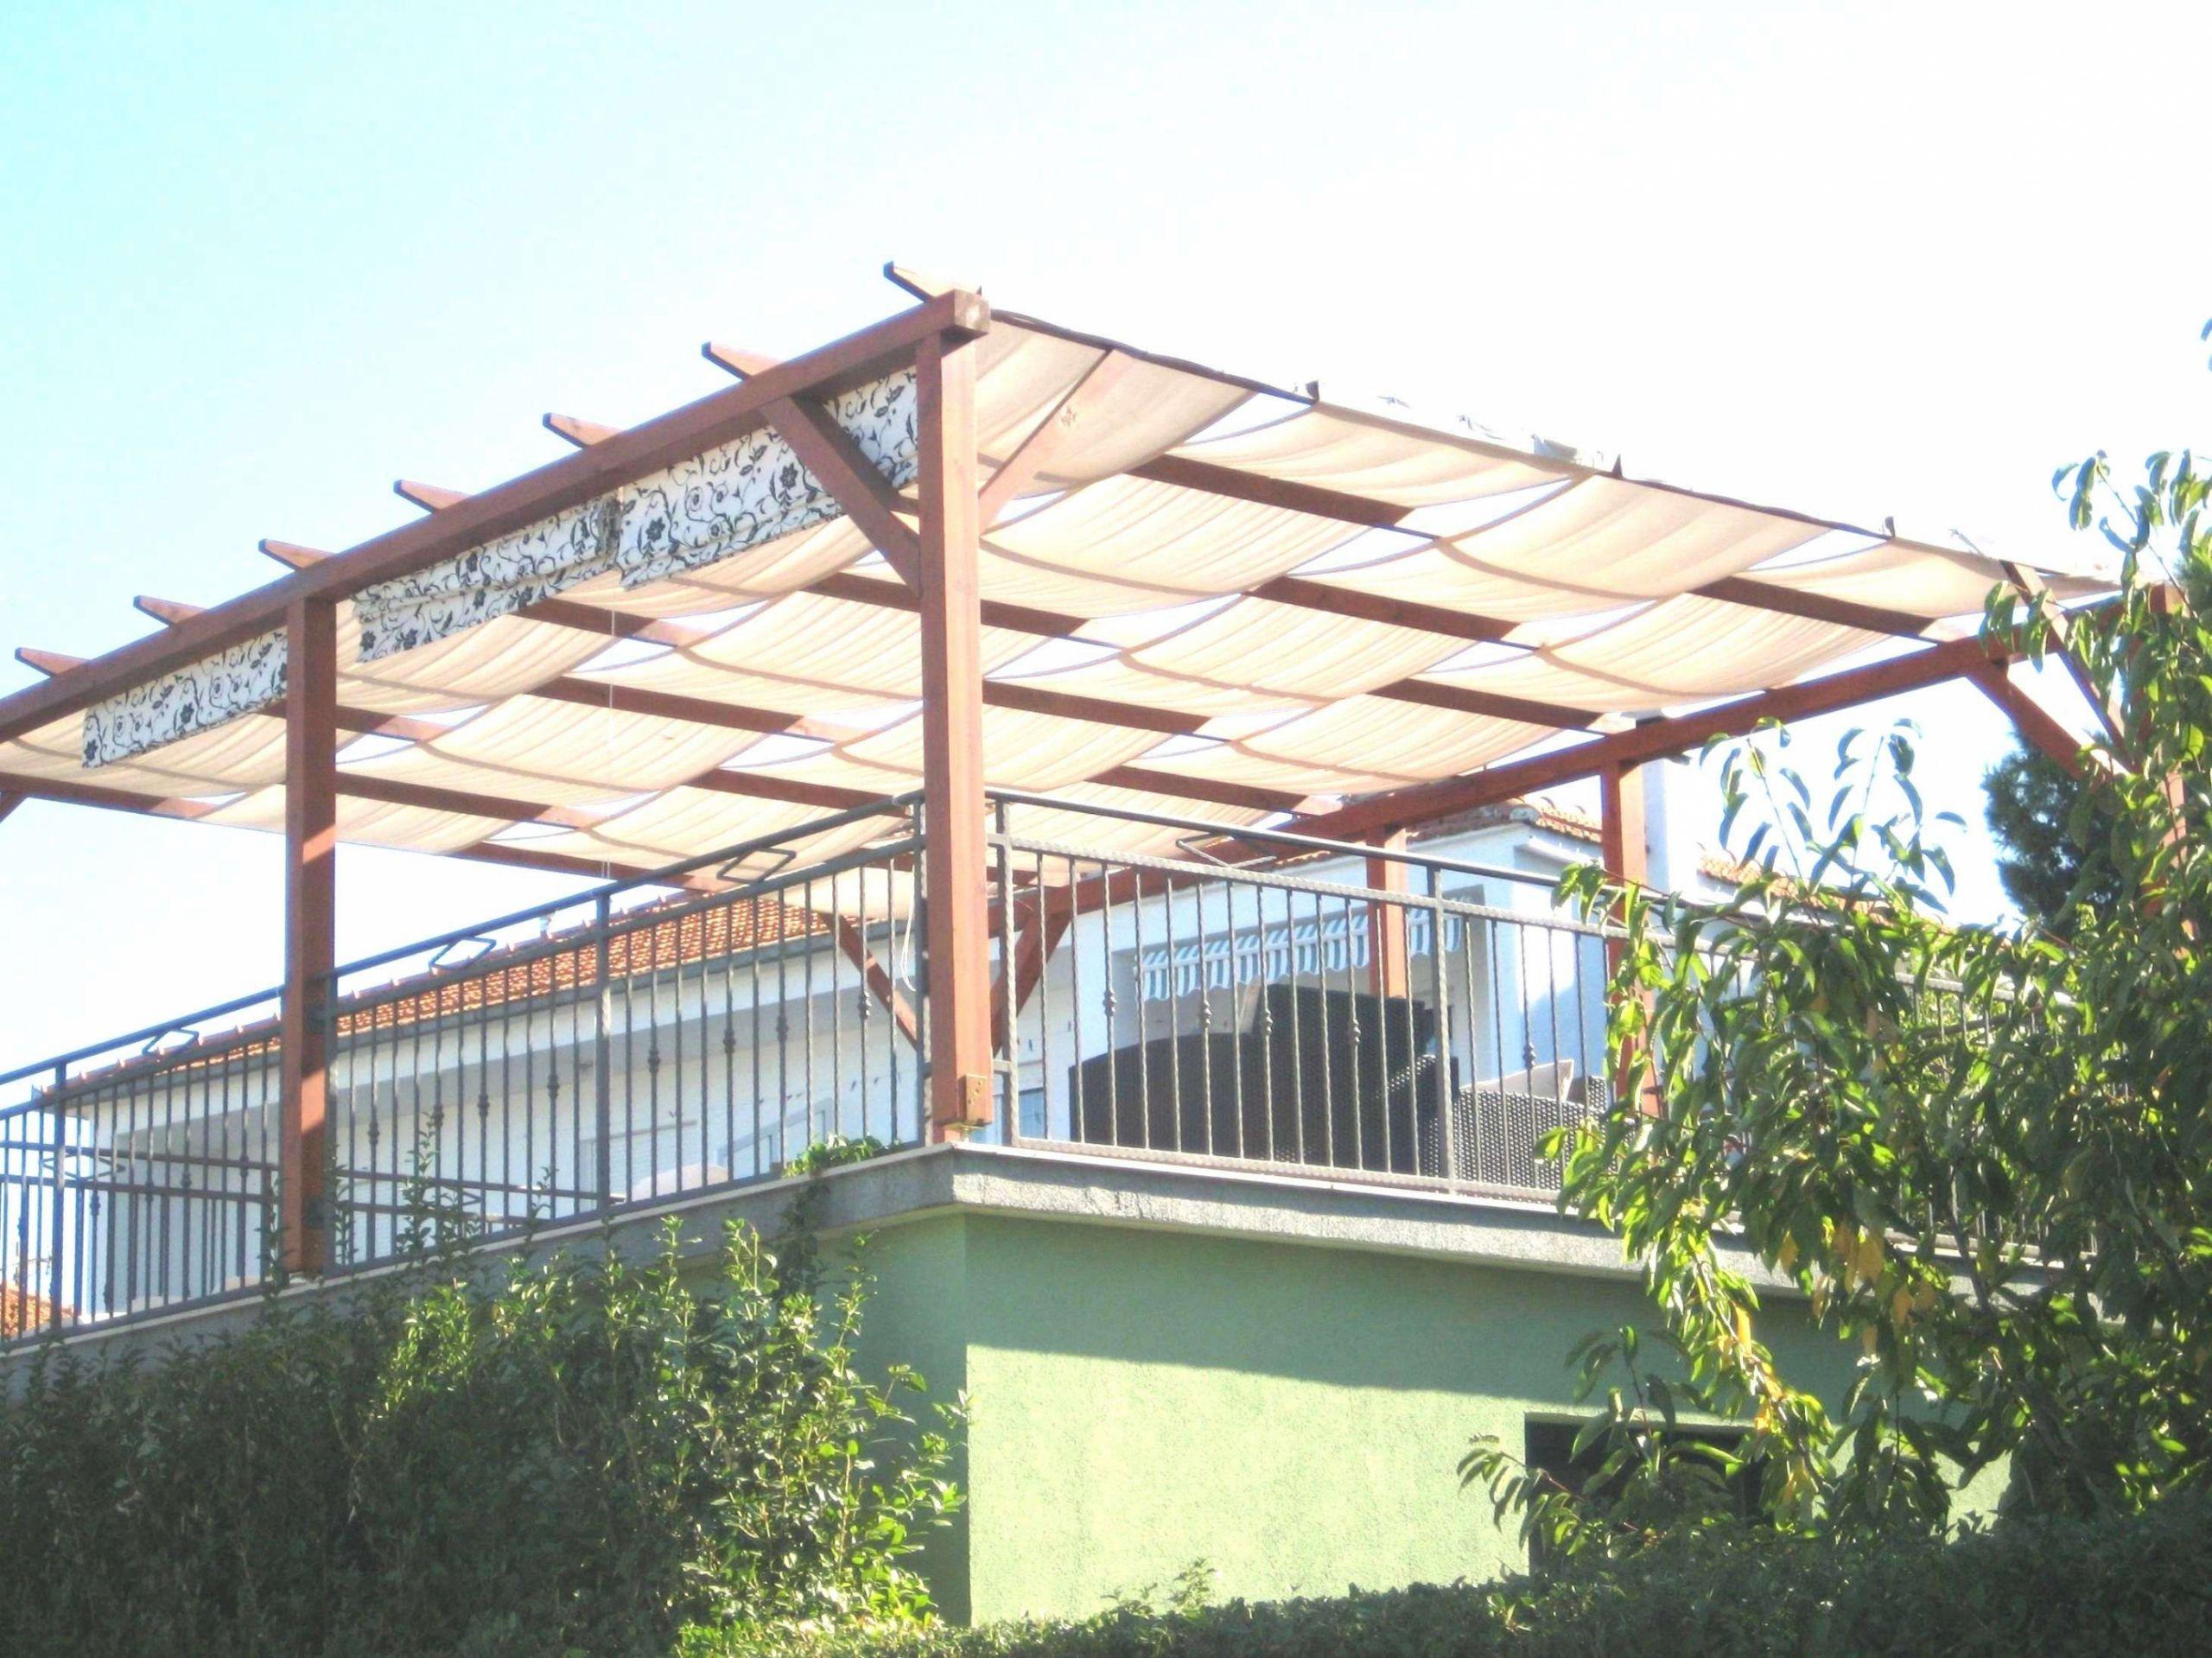 terrassen gestaltung einzigartig moderne terrassengestaltung 0d moderne terrassen ideen moderne terrassen ideen